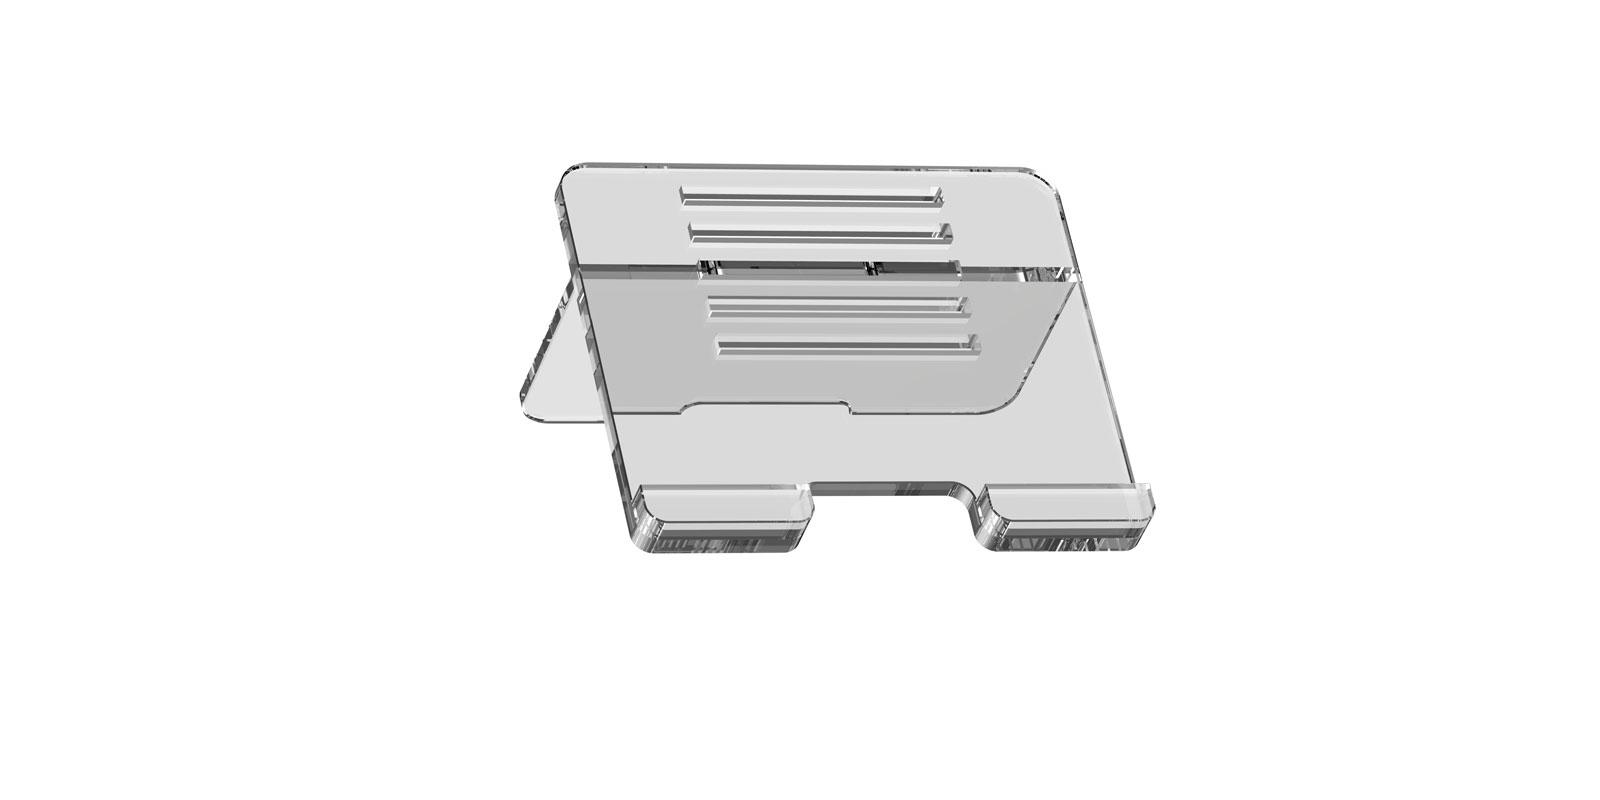 FB02201_MAIN_Tablet-holder.jpg